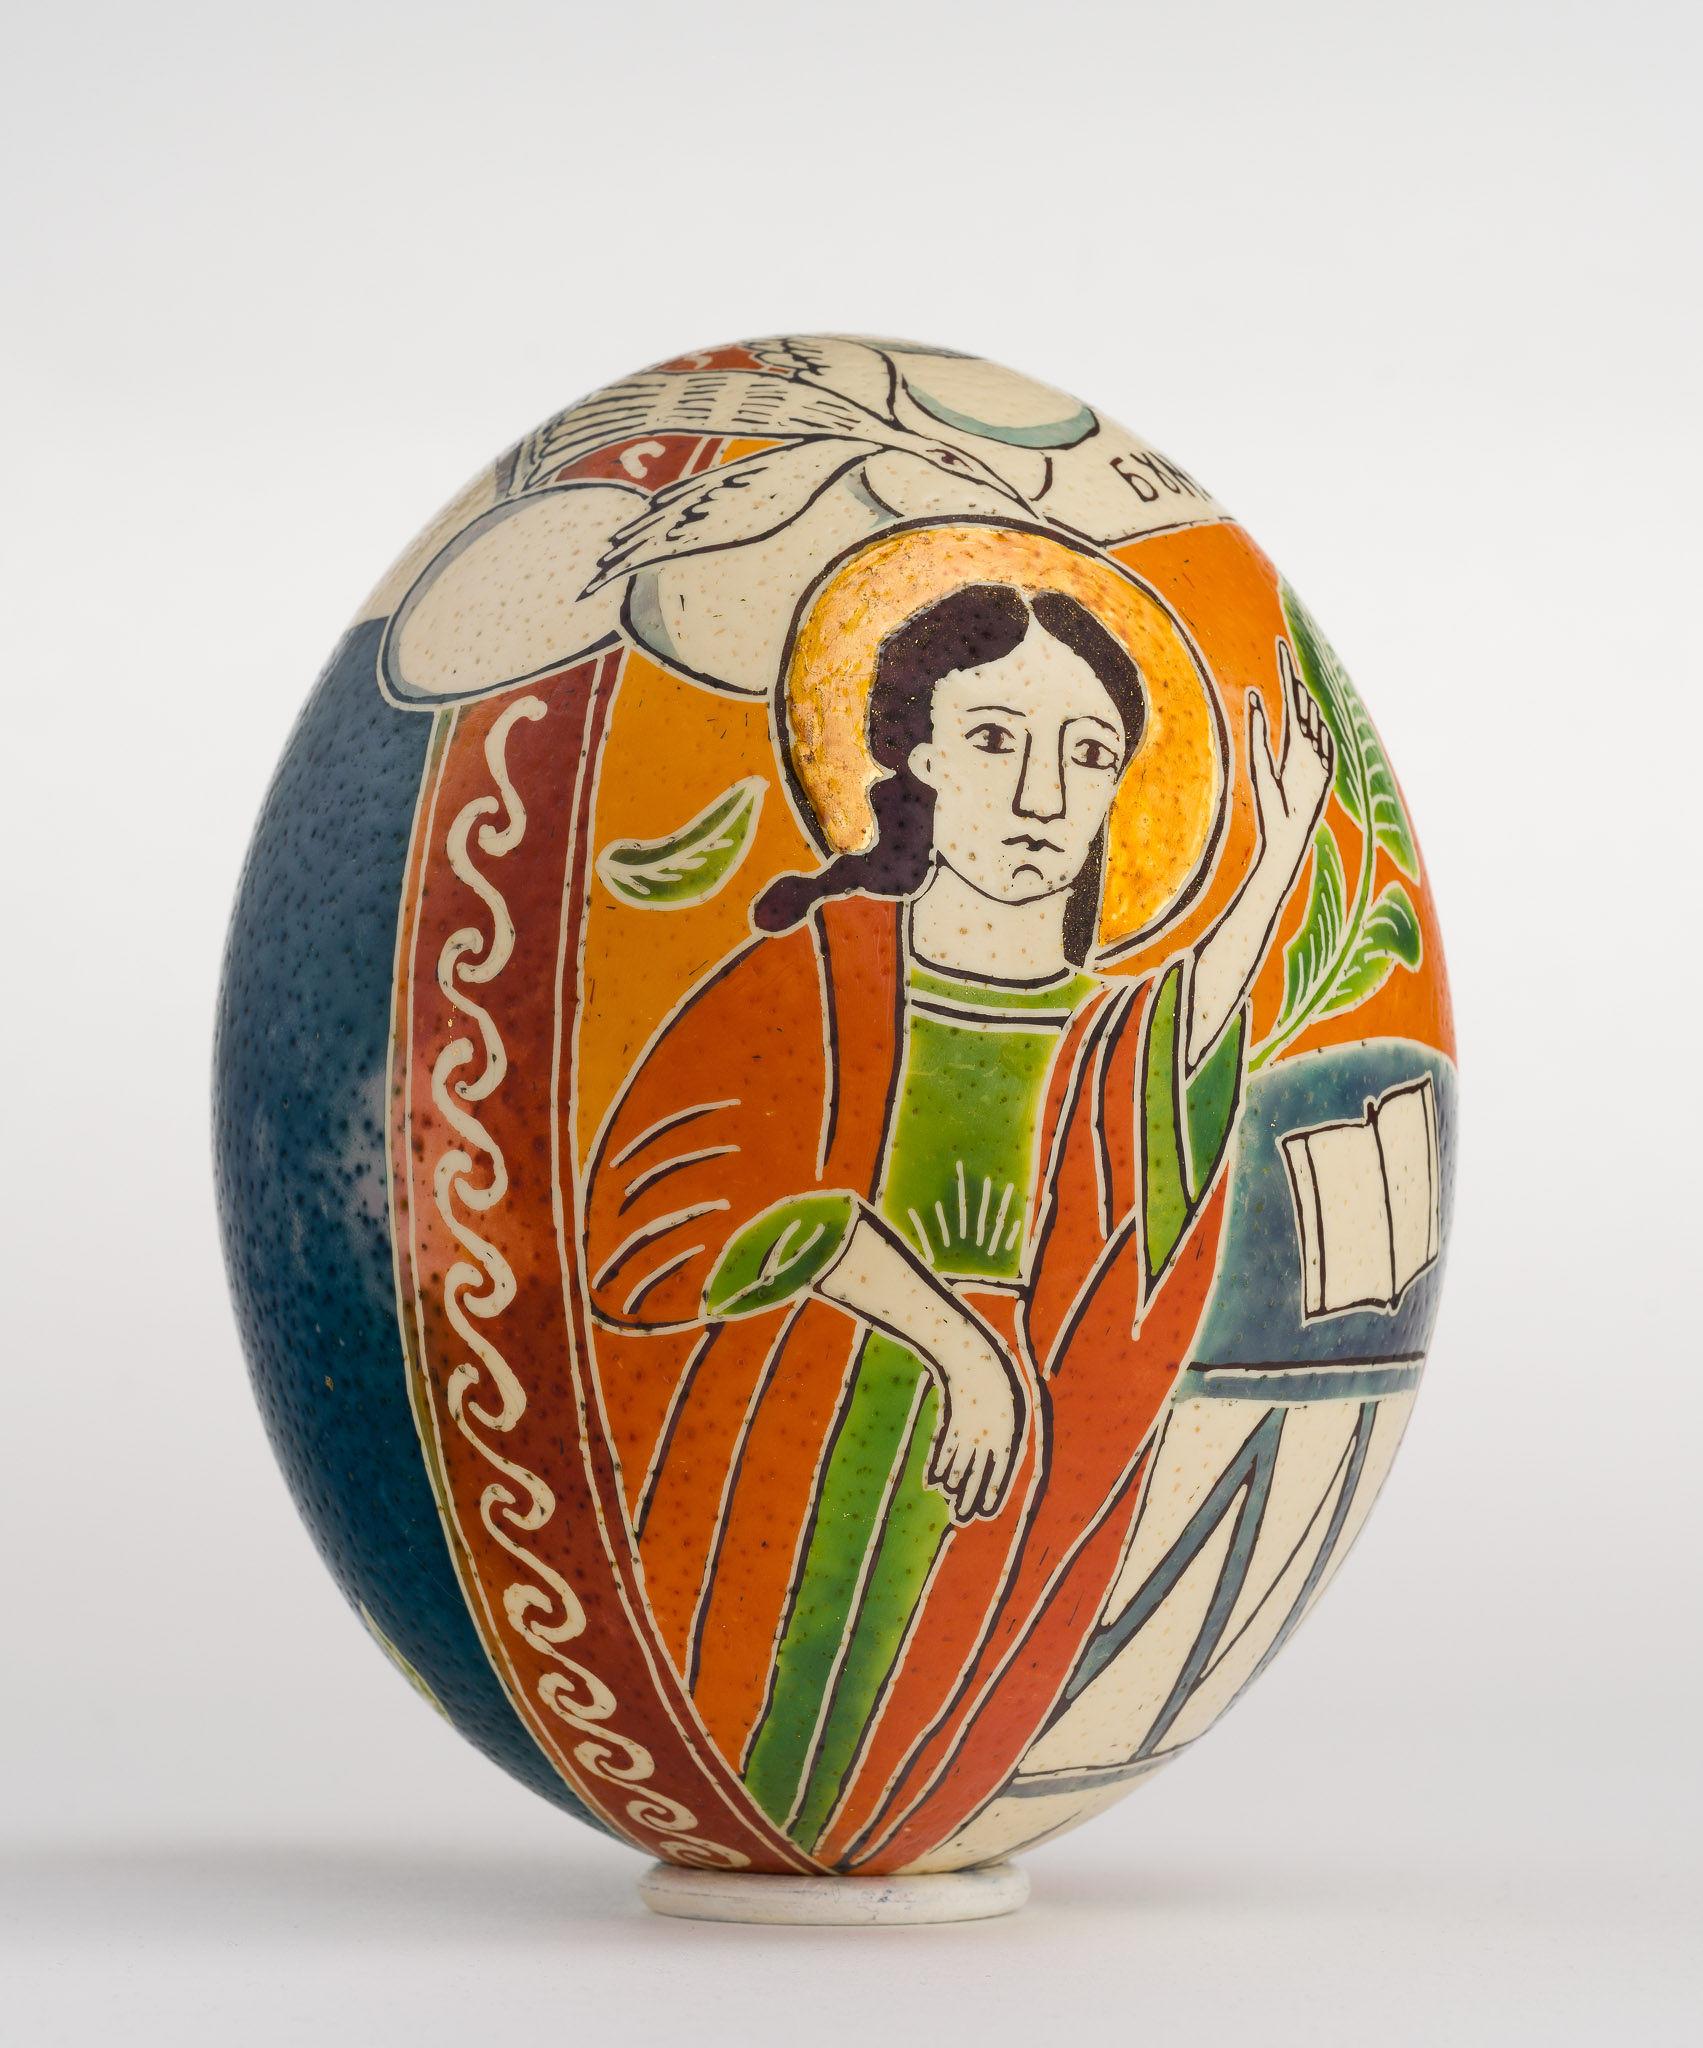 Icoană încondeiată pe ou de struț - Buna Vestire (Blagoveștenia) - maryando-111c.jpg